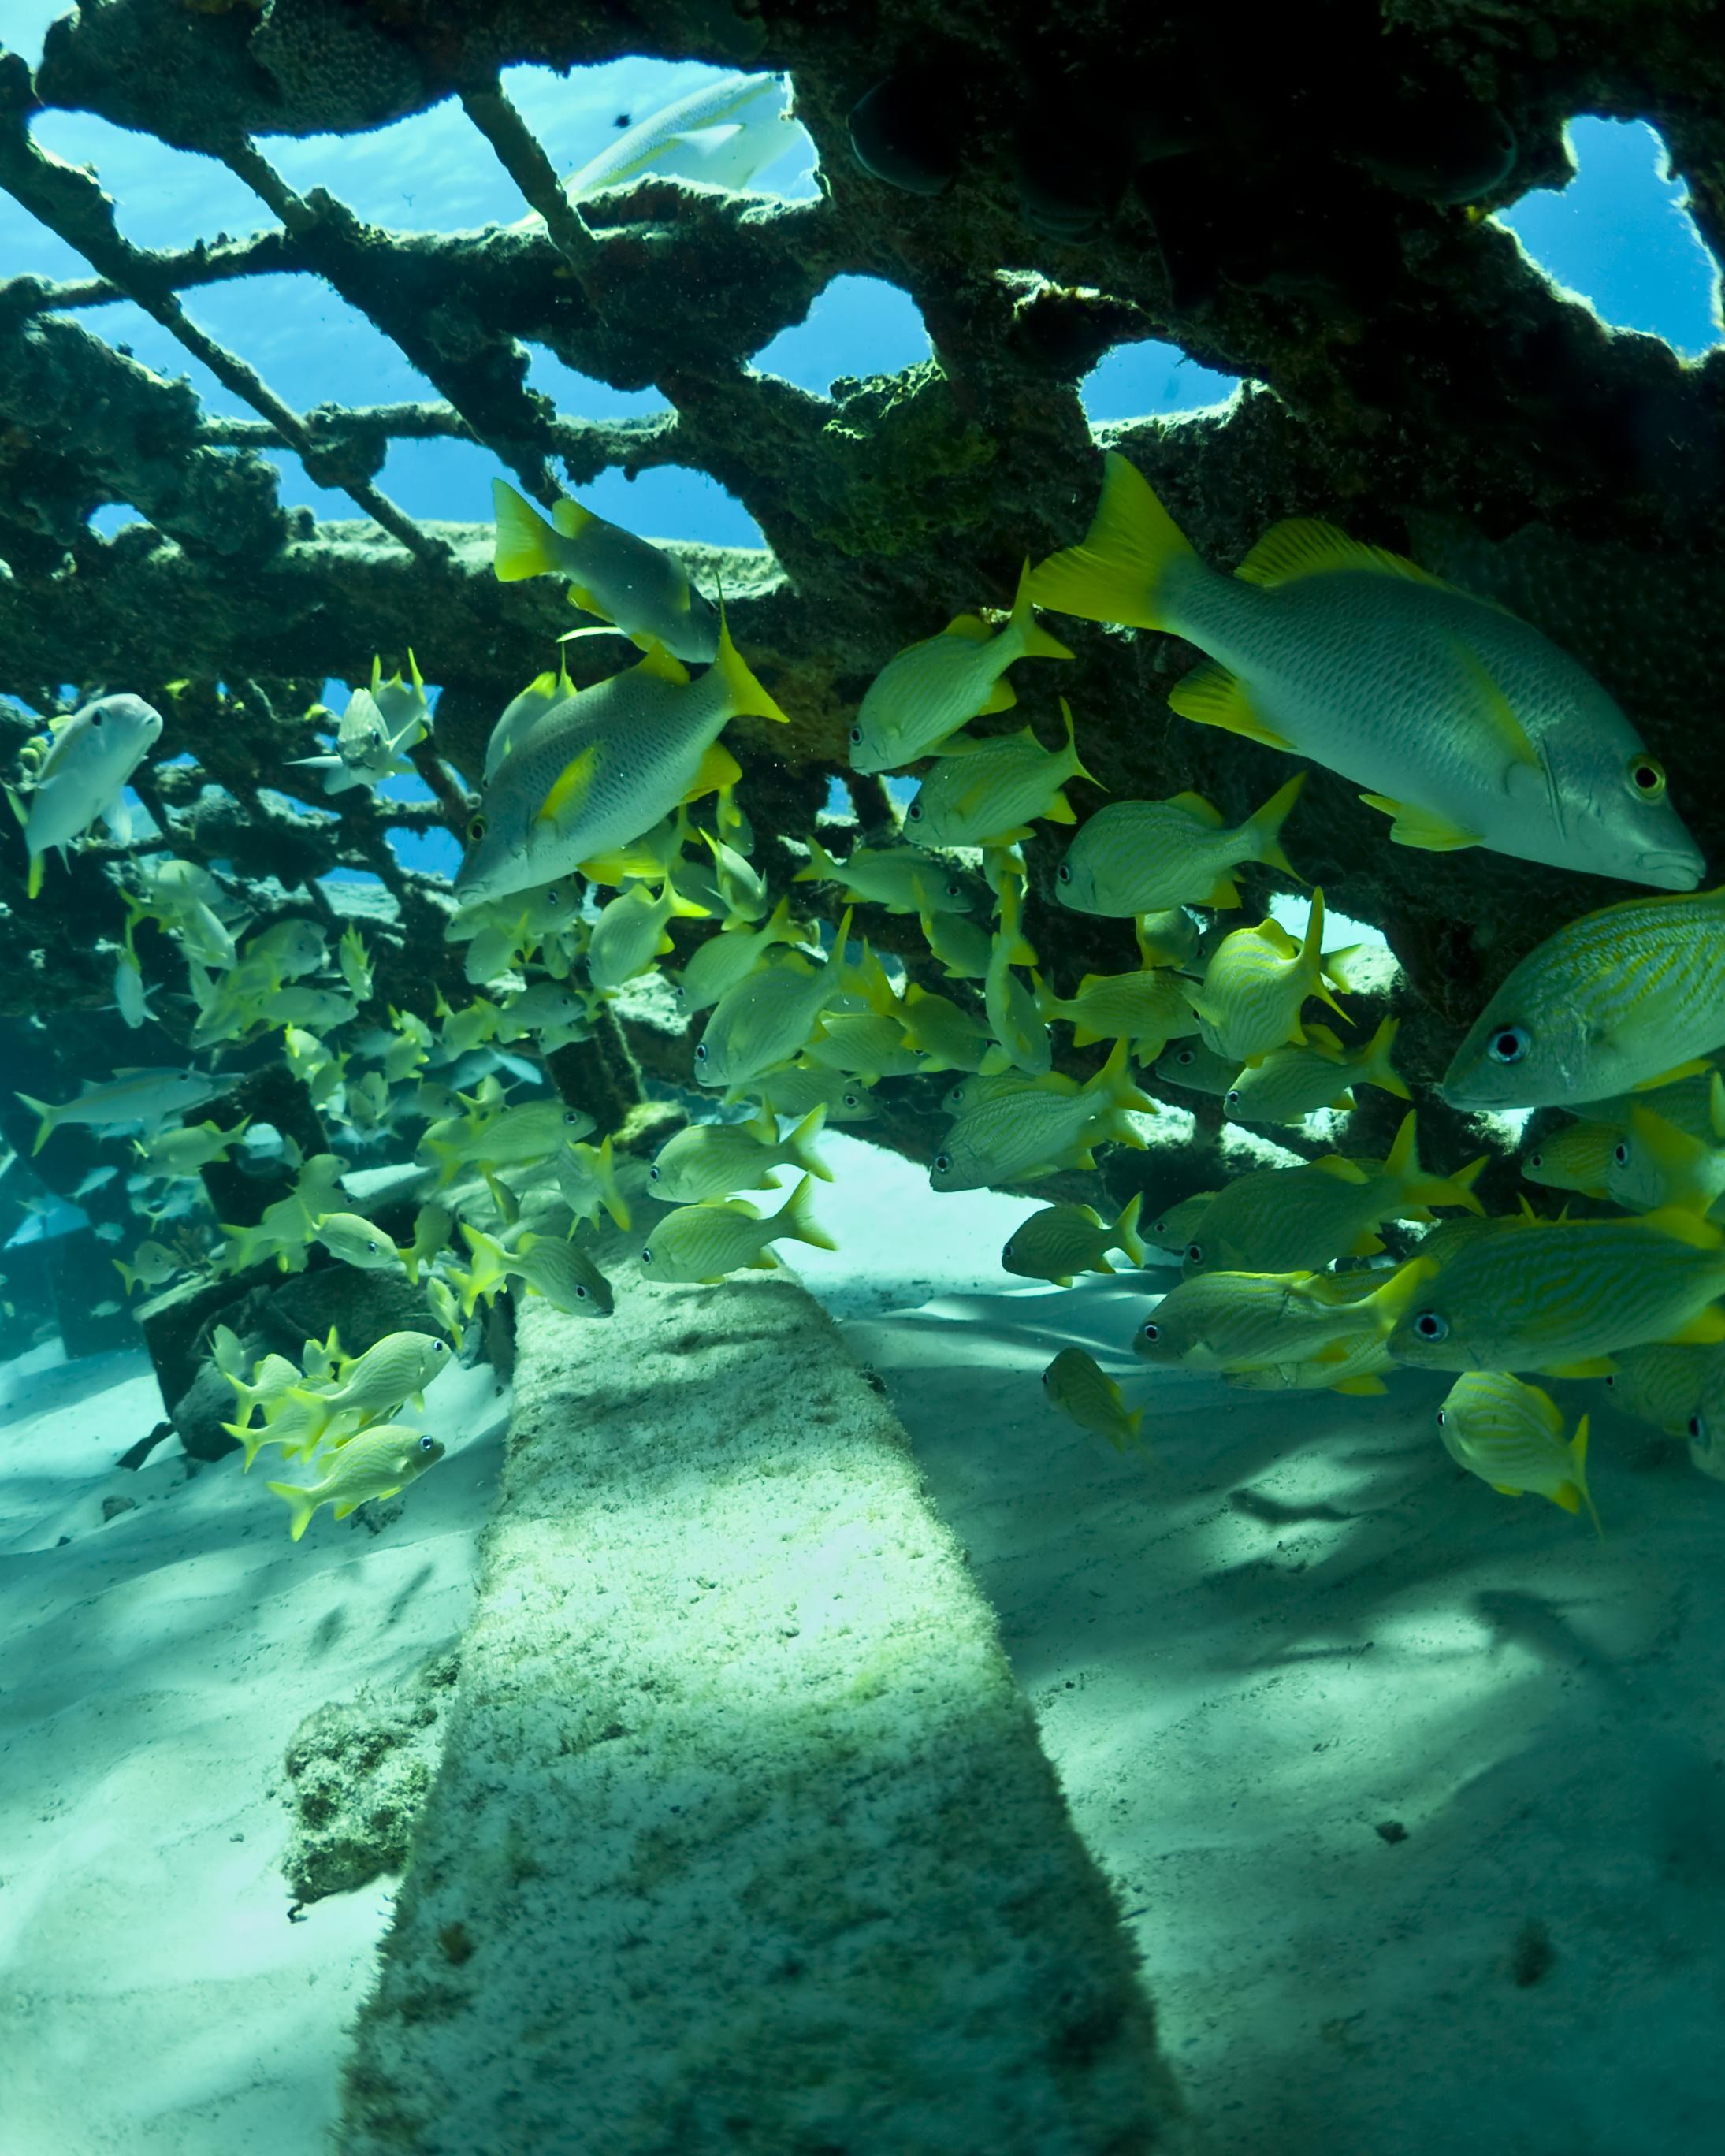 Et eldorado for dykking, snorkling, økoturisme og deilig strandliv